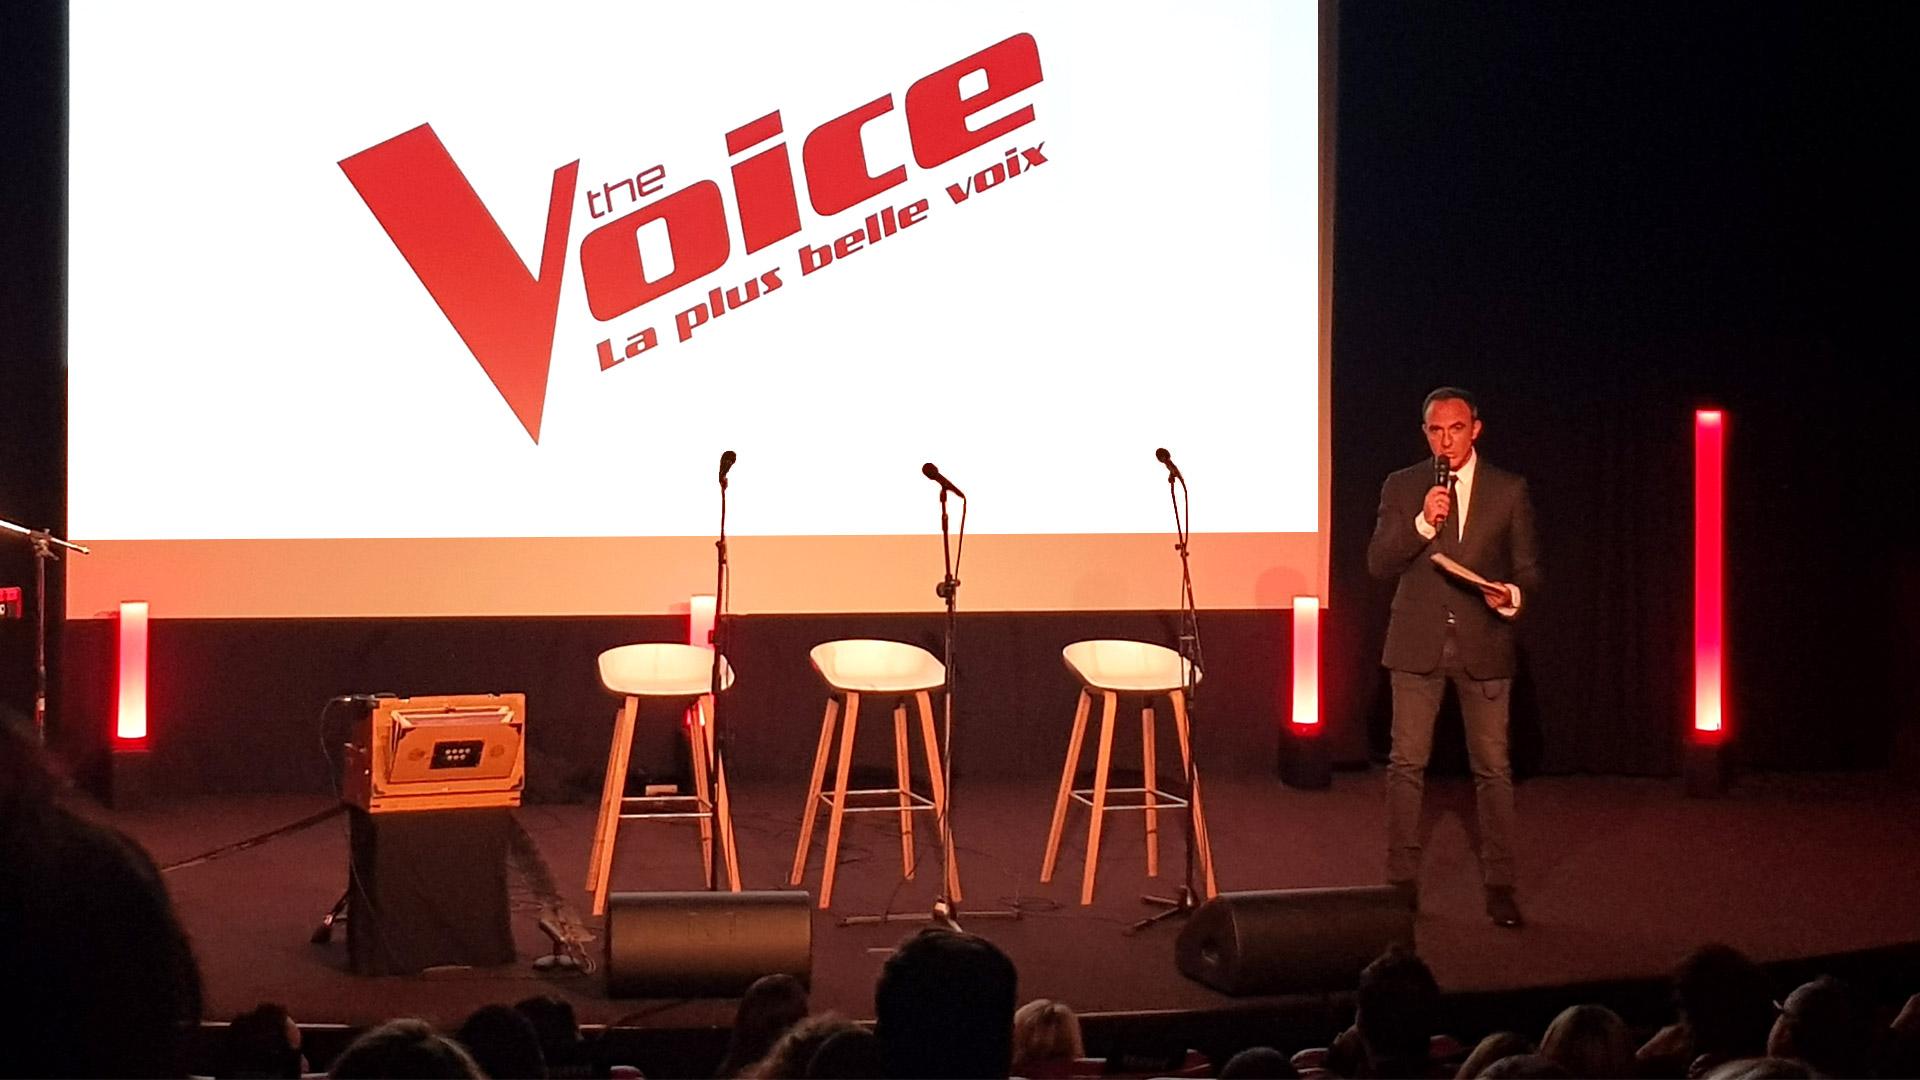 Conférence de presse The Voice, événement organisé avec TF1 et Vous